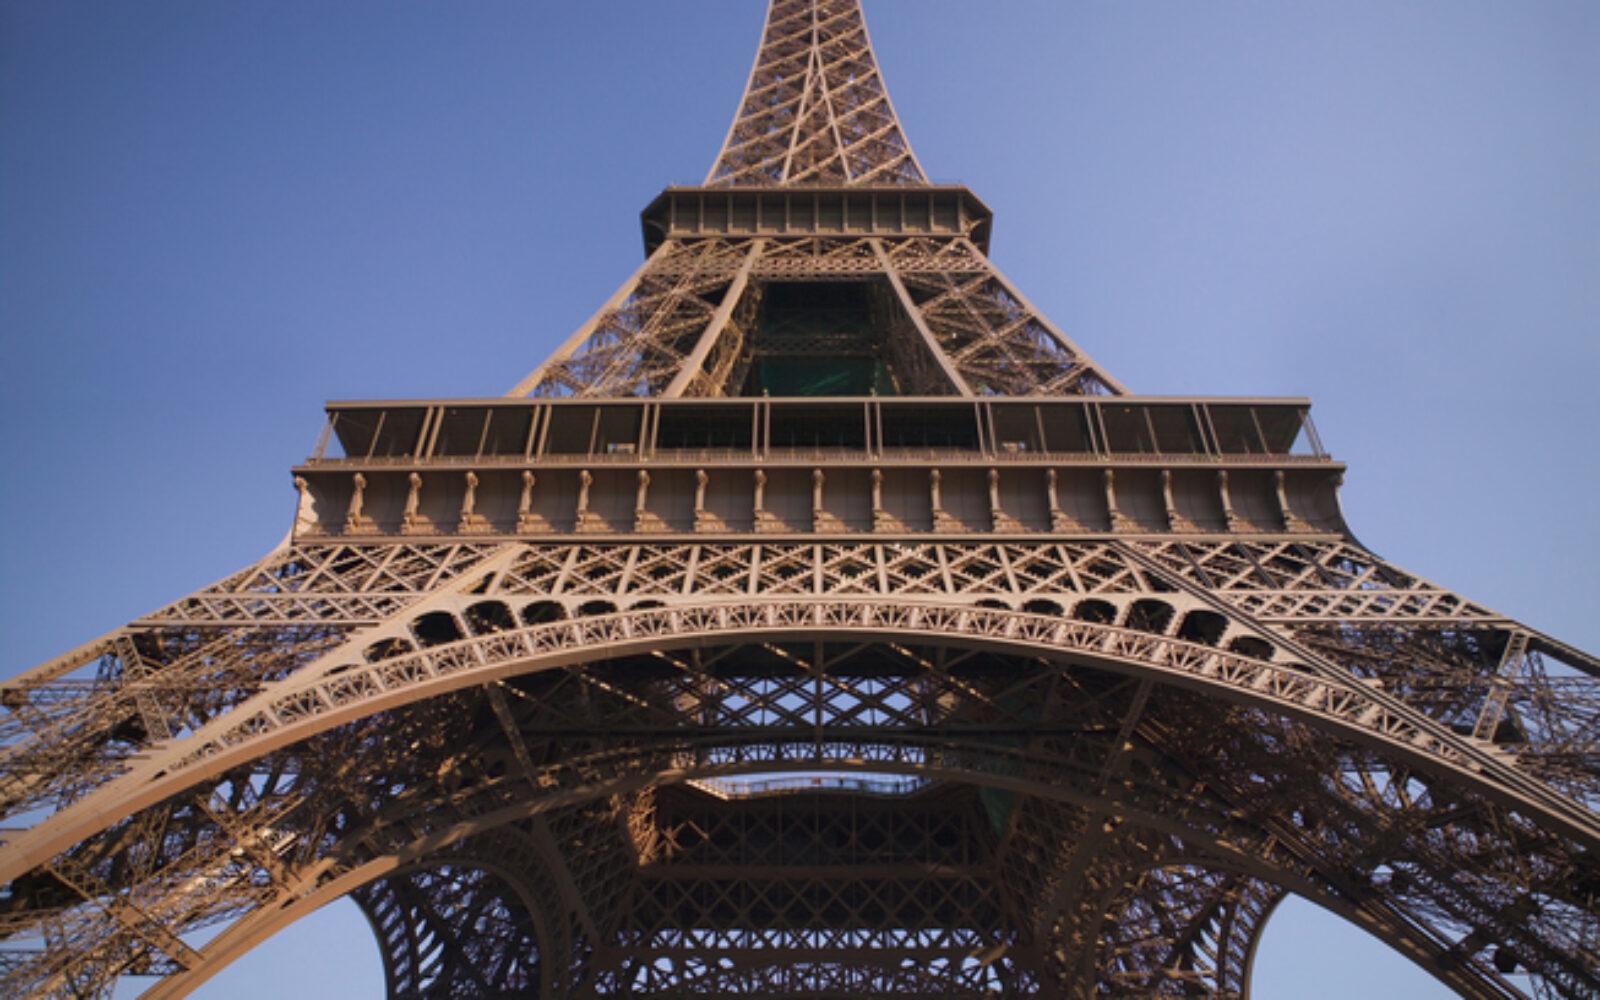 Nakon prijetnje bombom evakuiran Eiffelov toranj u Parizu